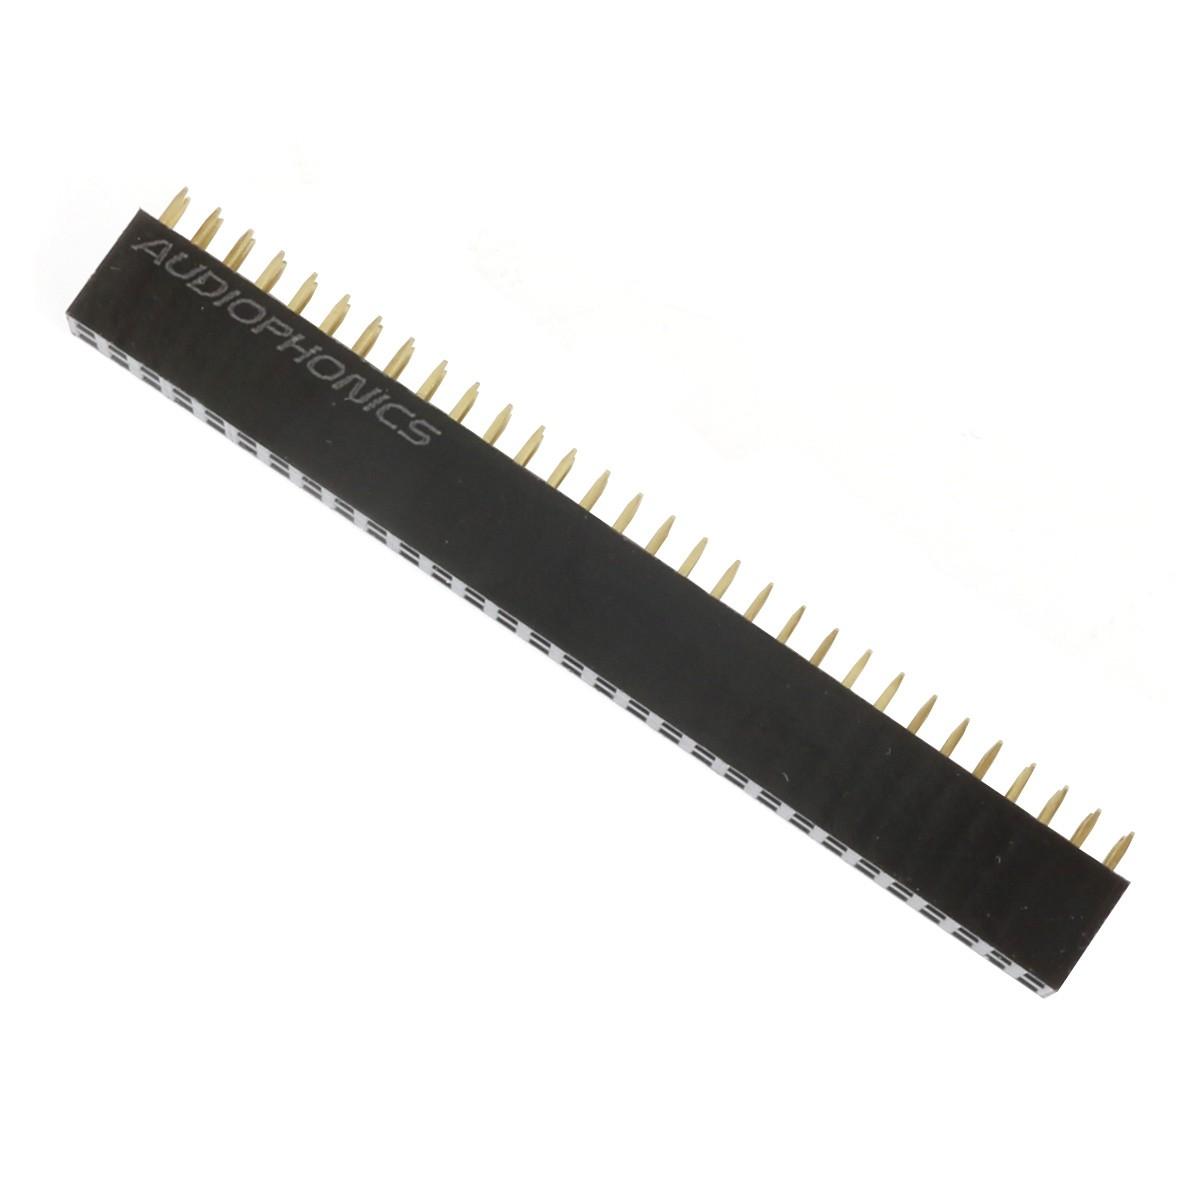 Connecteur Barrette 2.54mm Mâle / Femelle 2x30 Pôles 3mm (Unité)